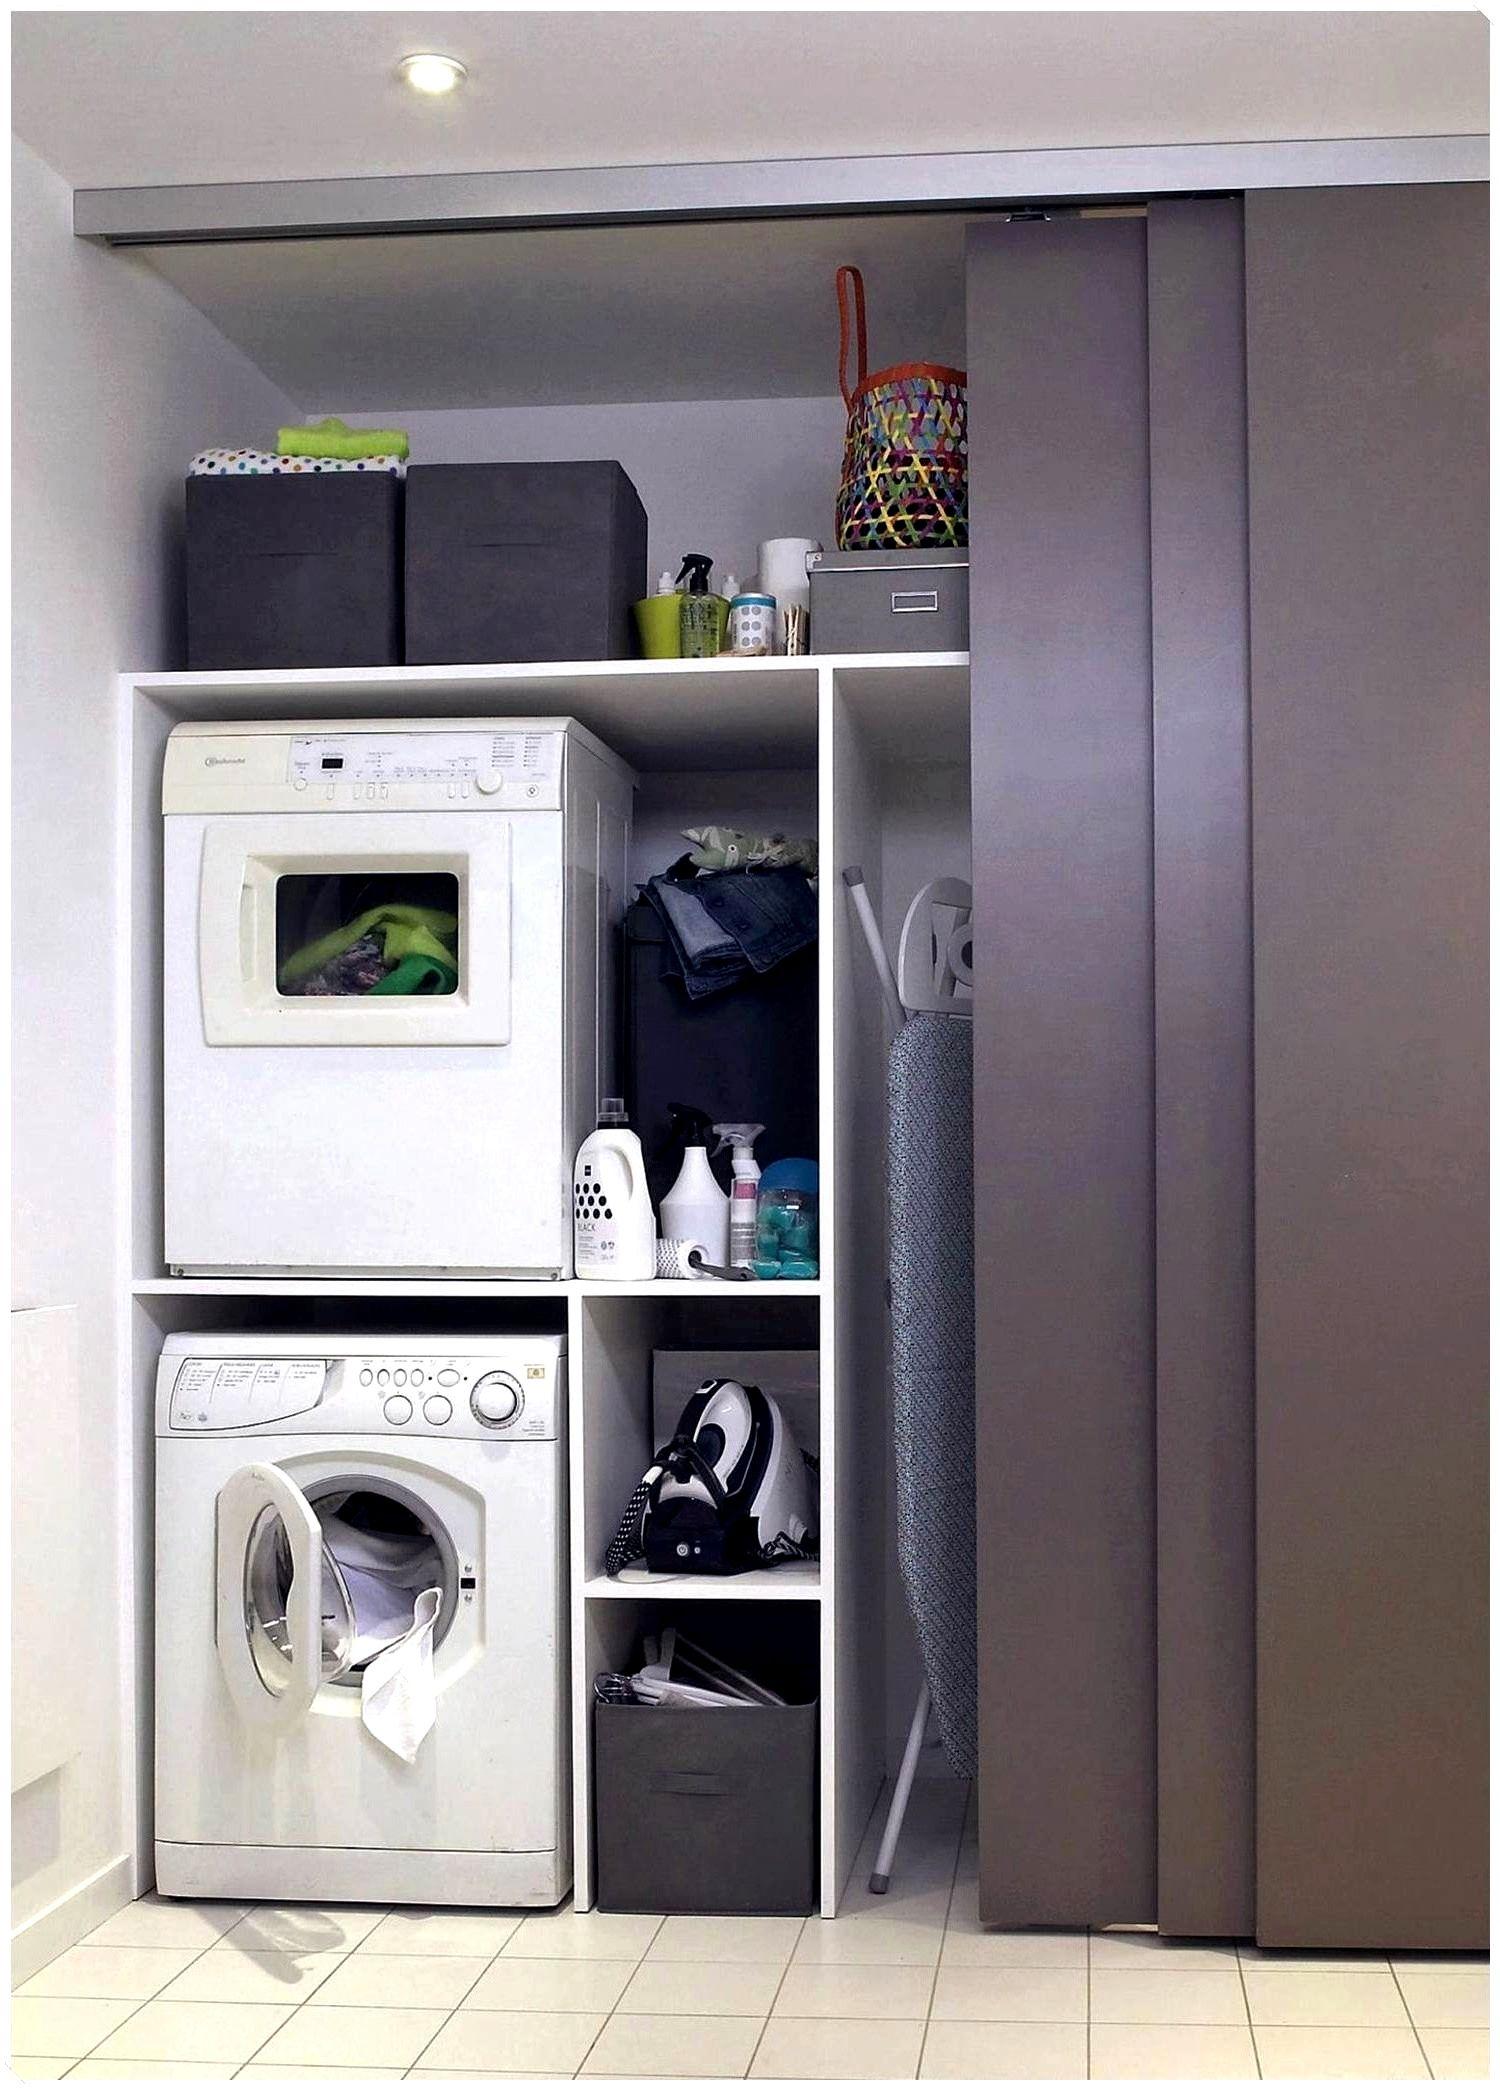 Meuble Lave Vaisselle Encastrable Ideas | Tout sur la cuisine